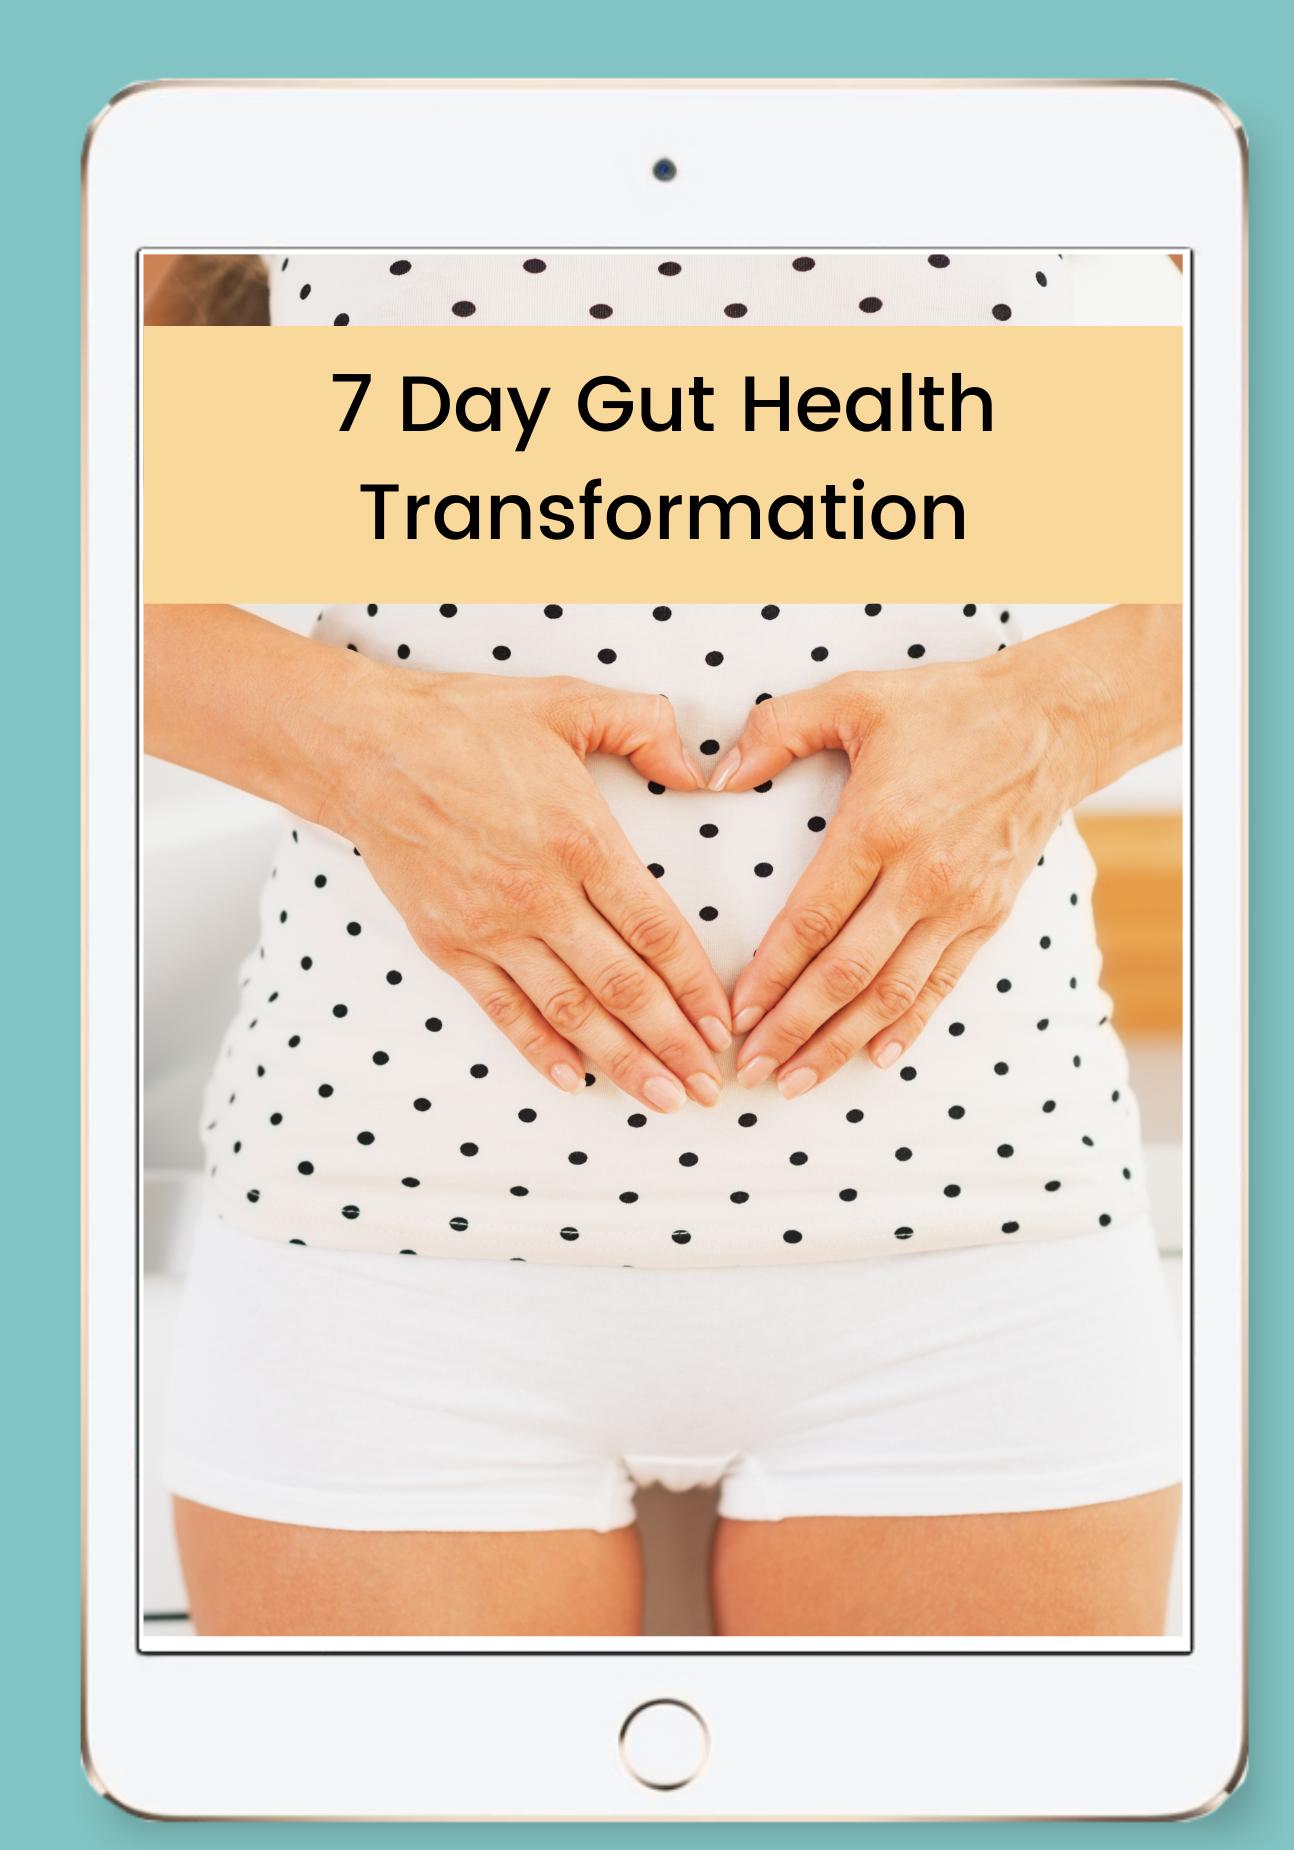 7 Day Gut Health